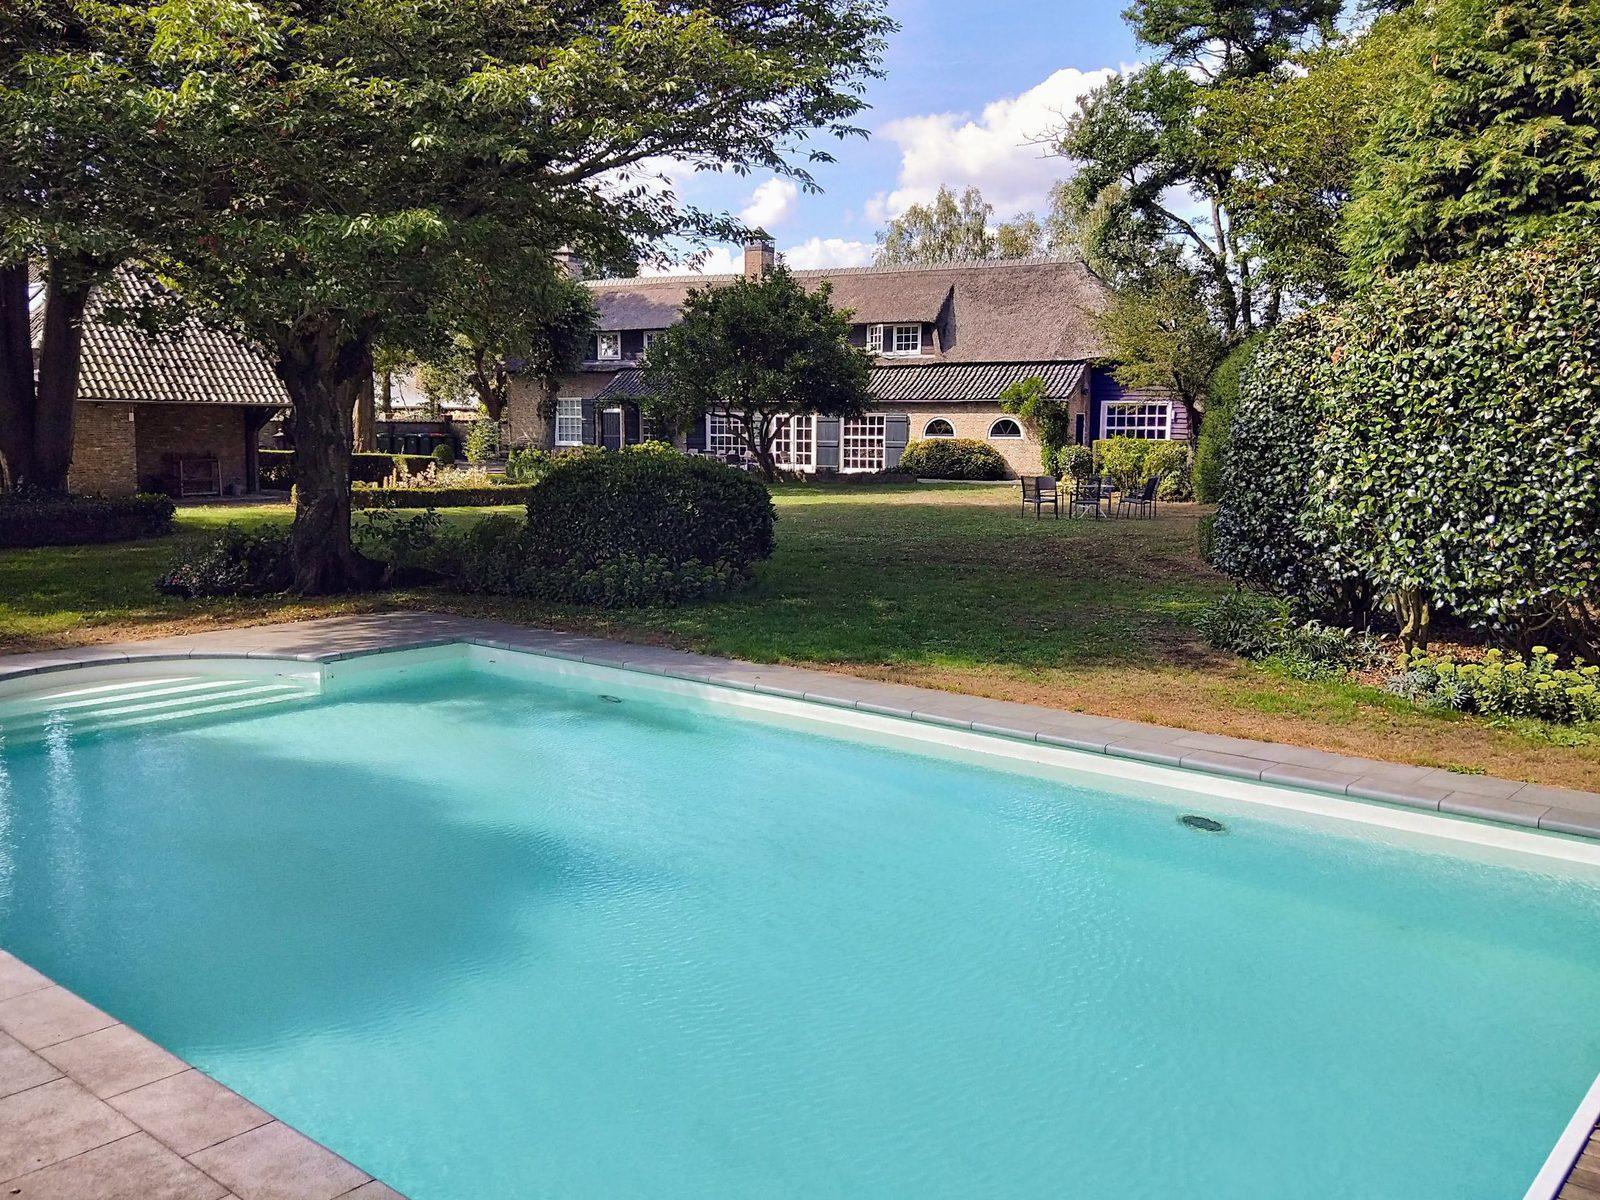 Vrachelse Heide, vakantiehuis in Brabant met zwembad